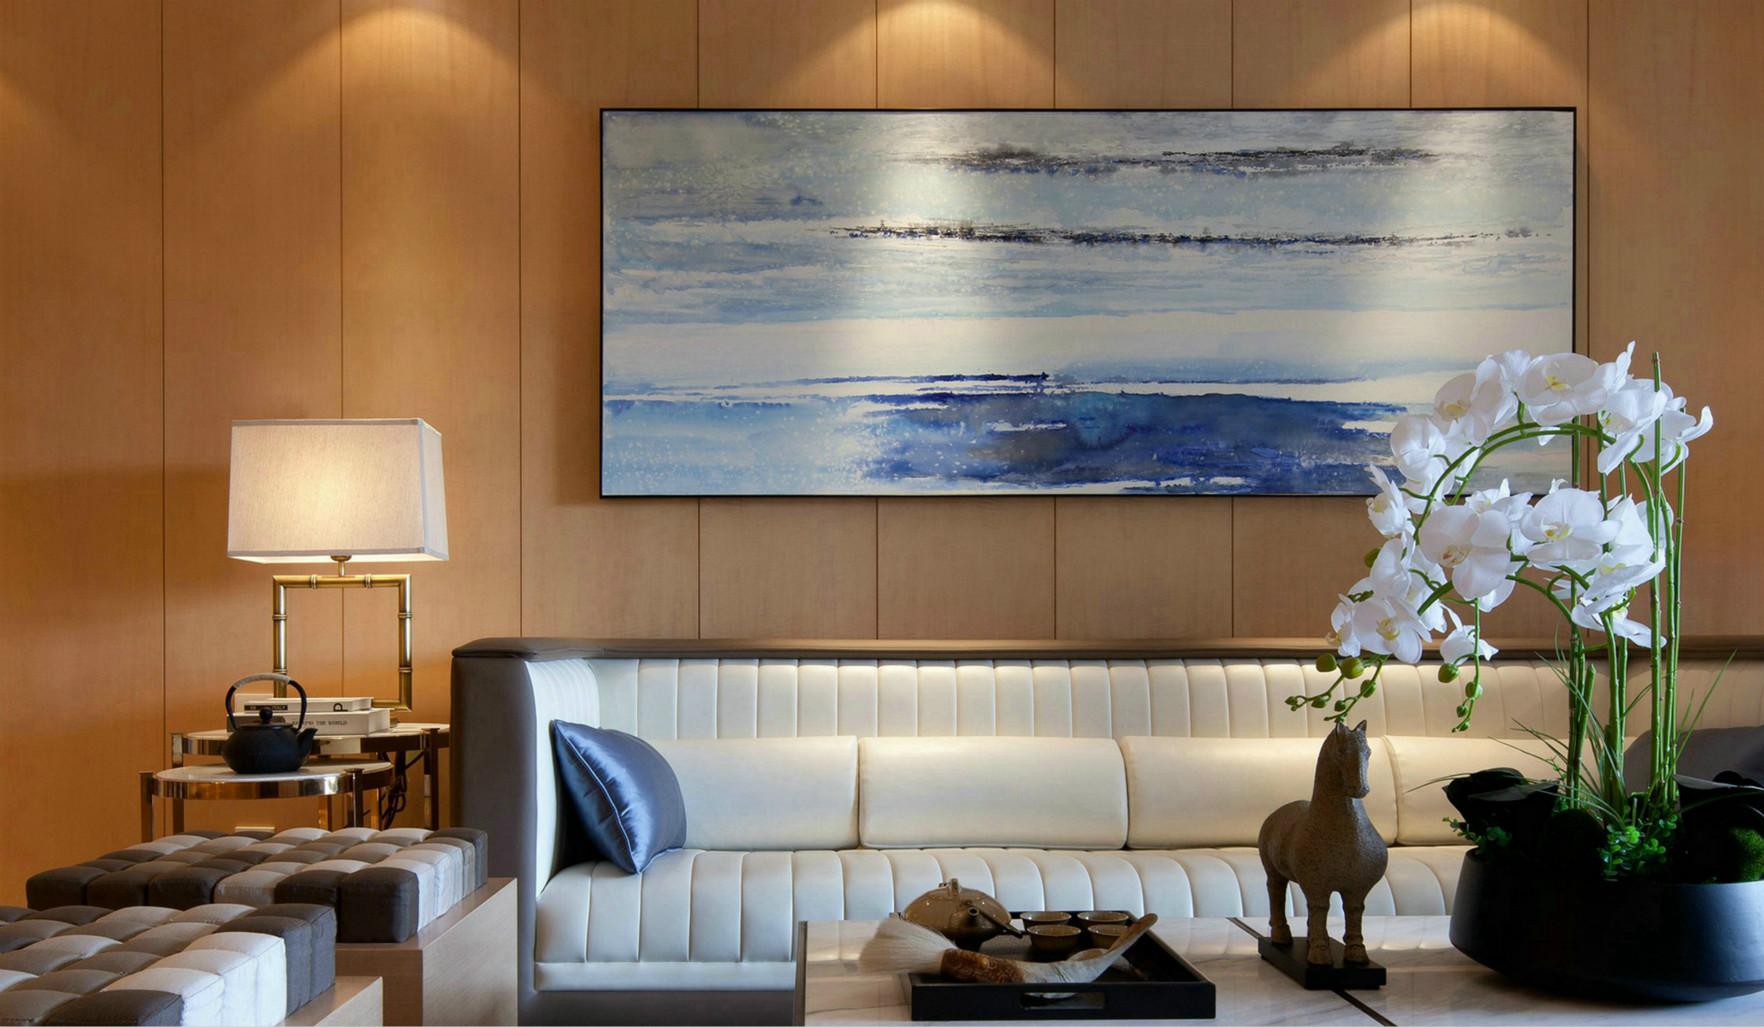 客厅墙采用新中式晕染水墨装饰画,把整个大厅渲染得更加的有艺术魅力